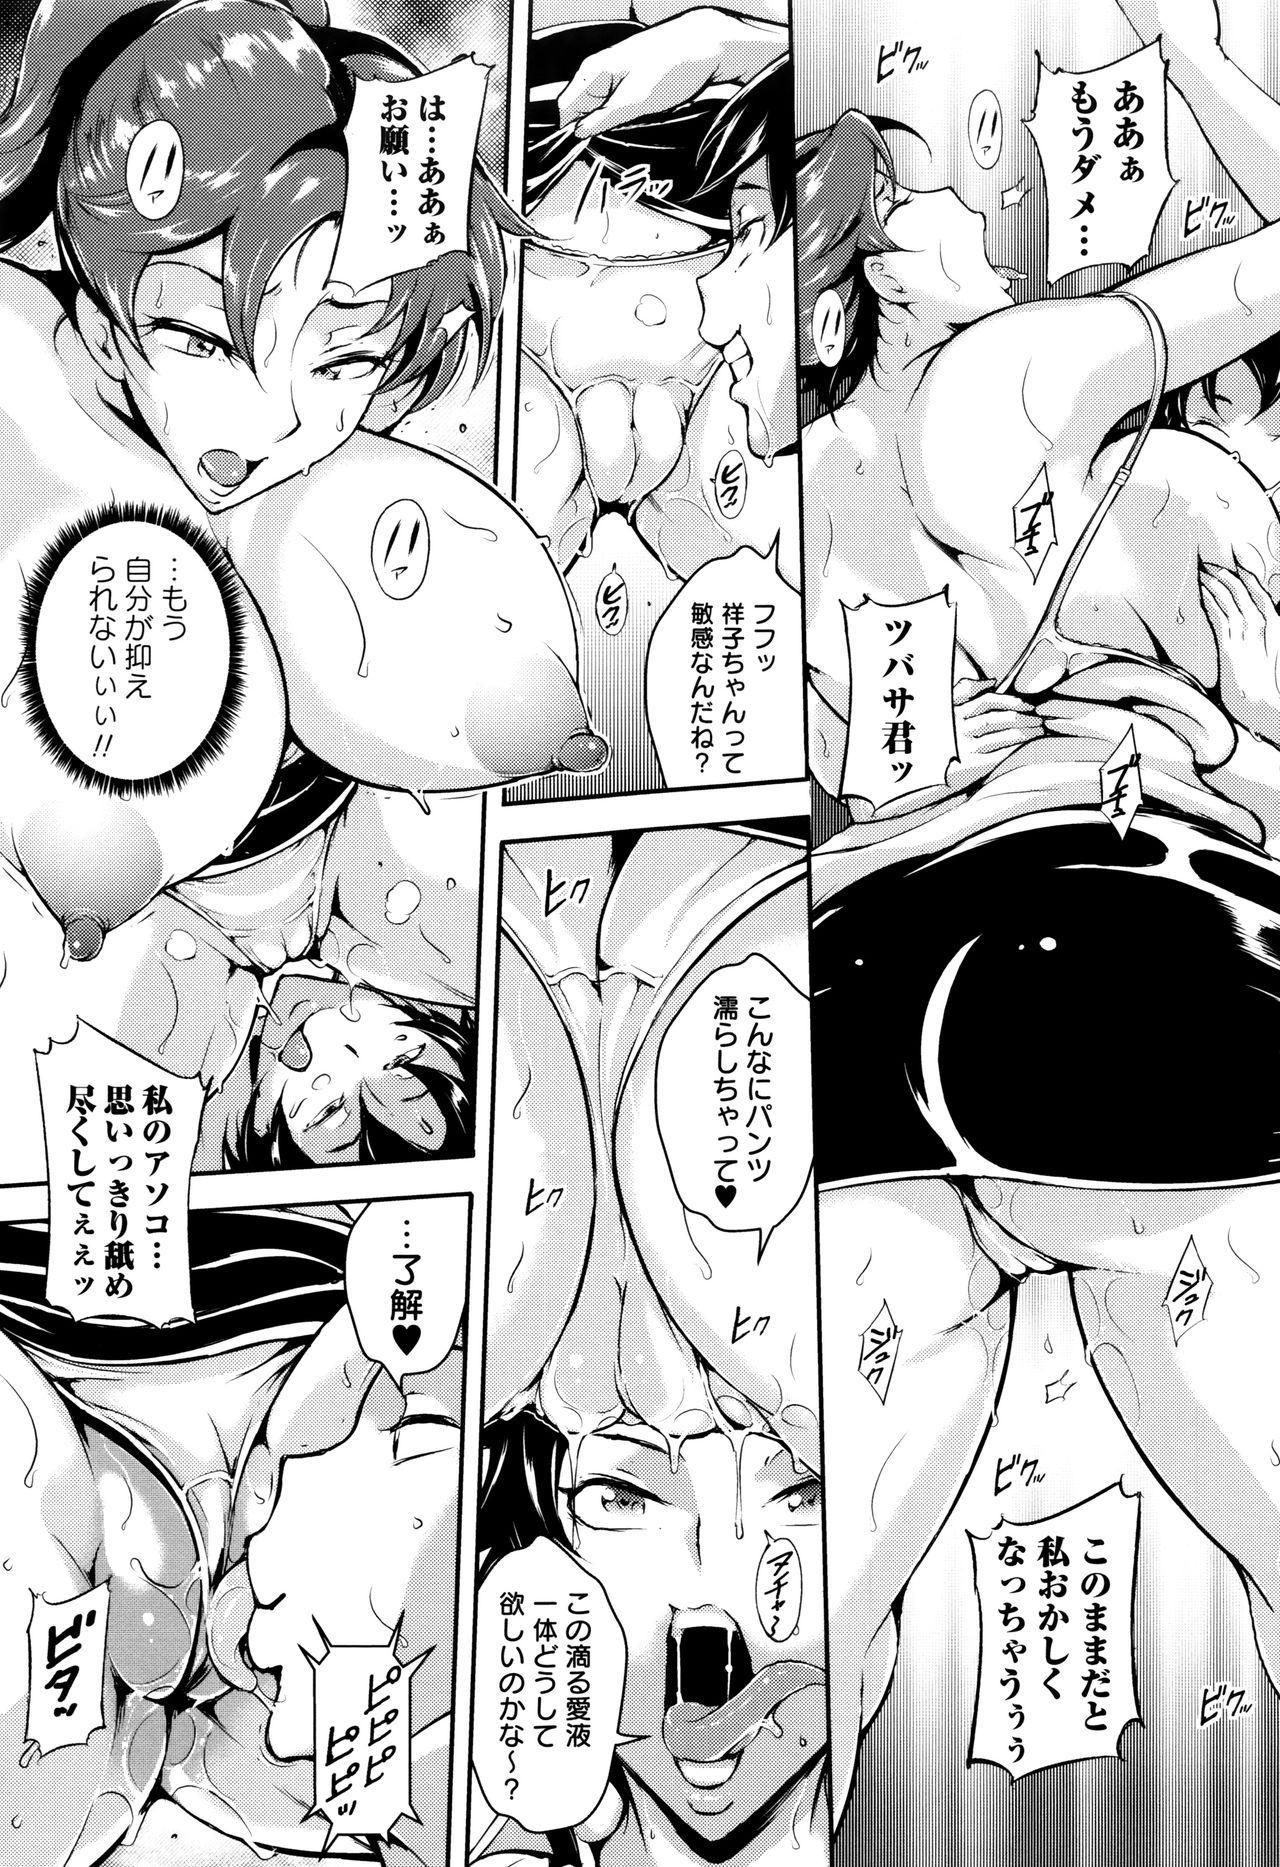 Ero BBA ♥ Dosukebe Ha Sengen 108